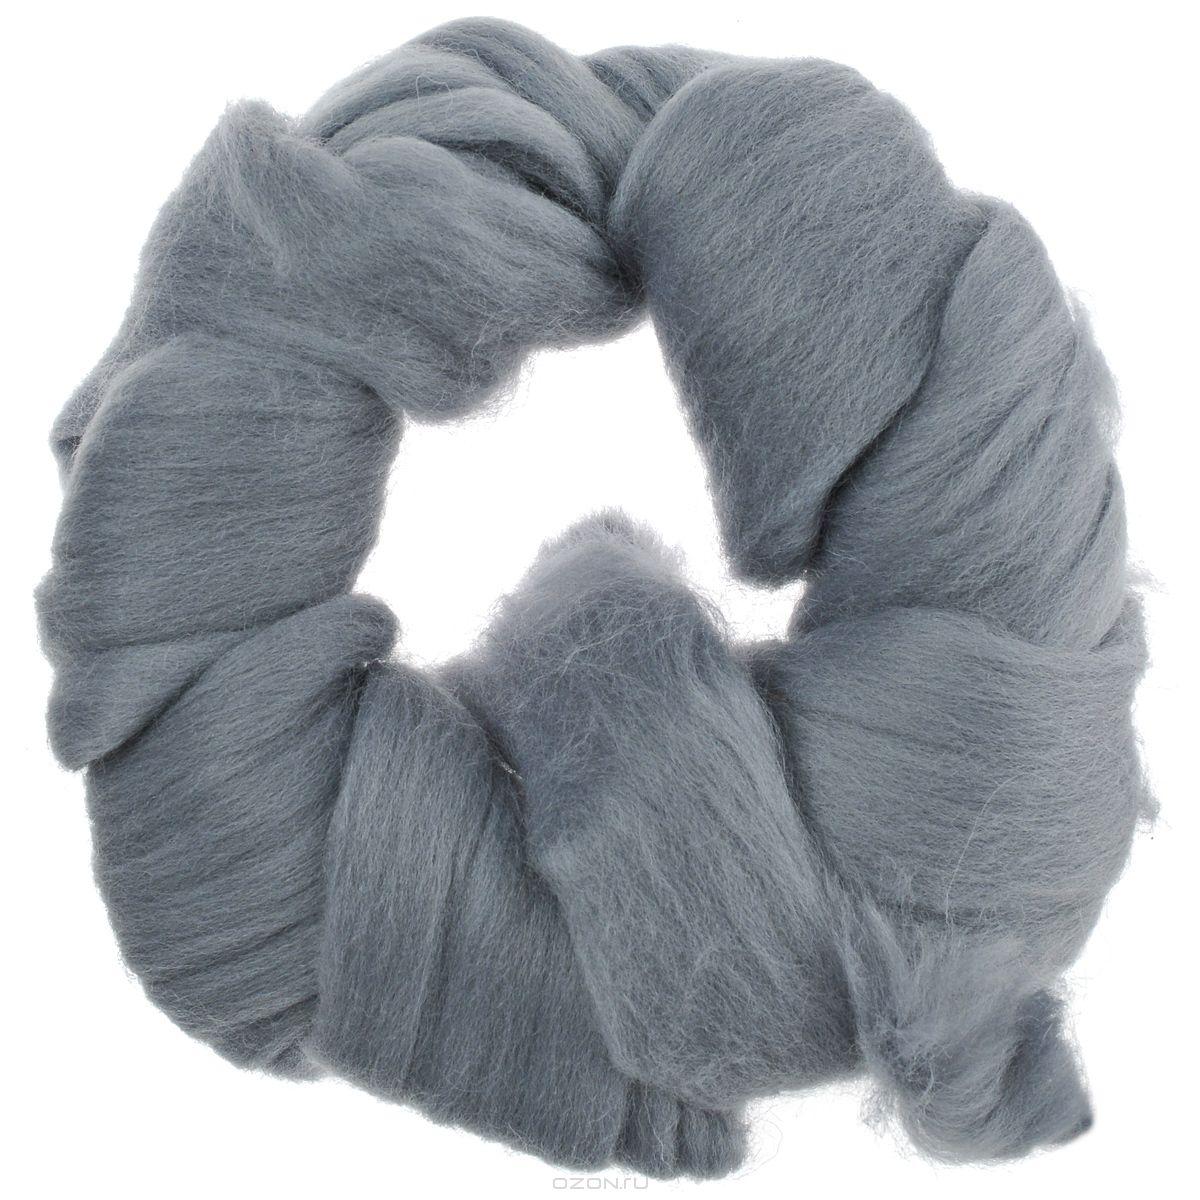 Шерсть для валяния Астра, тонкая, цвет: серый (0431), 100 г366137_0431Тонкая шерсть для валяния Астра идеально подходит для сухого и мокрого валяния. Шерсть не линяет и не вызывает аллергию. Выполнена из 100% натурального материала. Валяние шерсти - это особая техника рукоделия, в процессе которой из шерсти для валяния создается рисунок на ткани или войлоке, объемные игрушки, панно, декоративные элементы, предметы одежды или аксессуары. Только натуральная шерсть обладает способностью сваливаться или свойлачиваться.